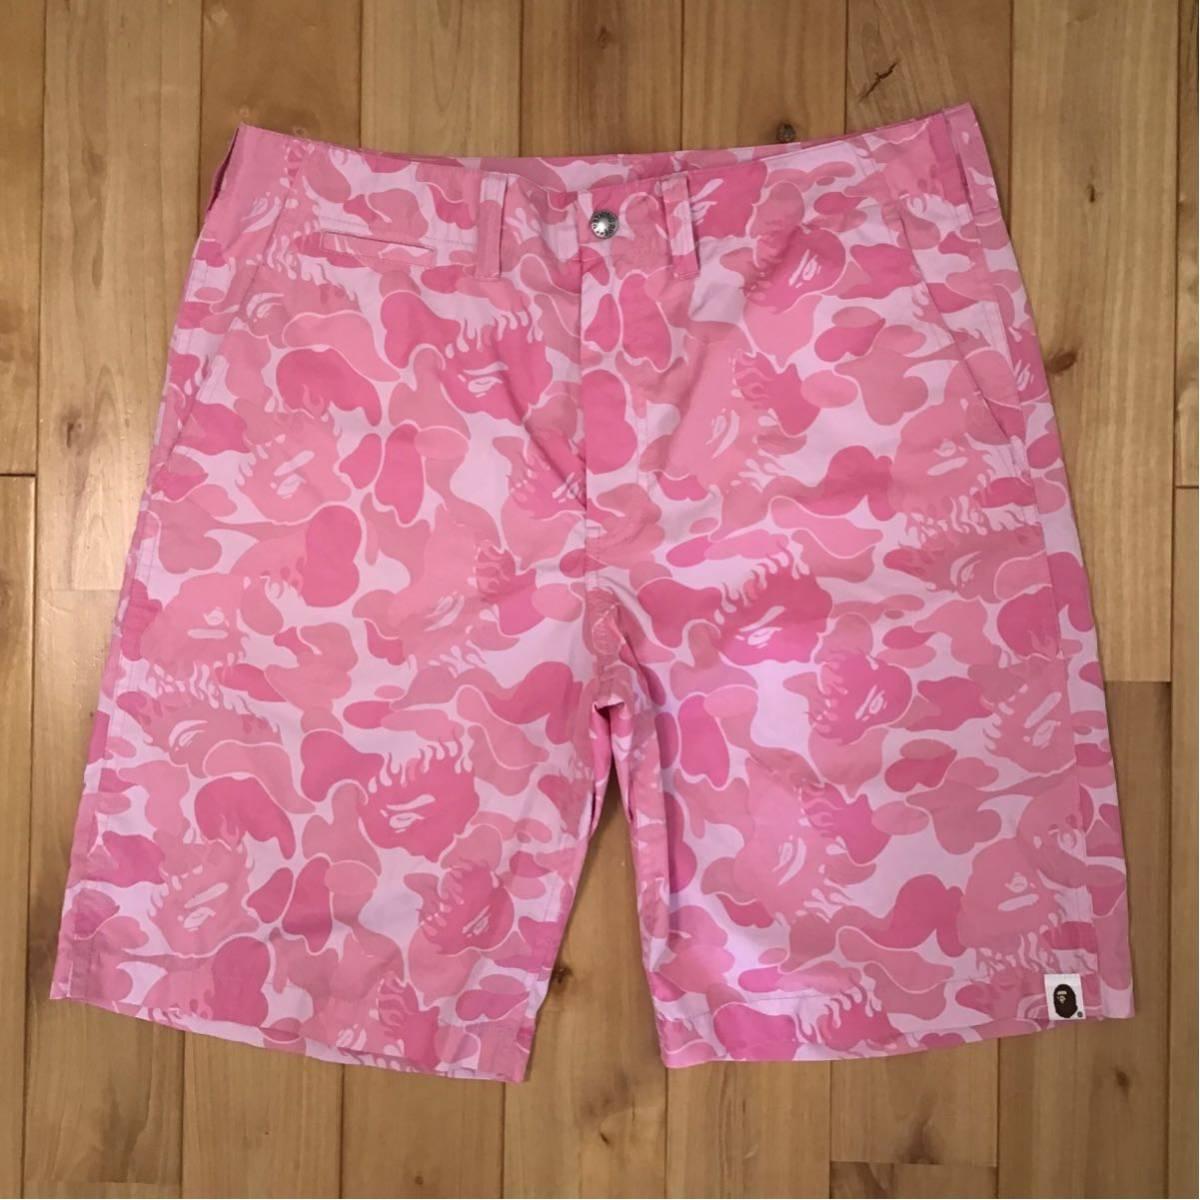 ★激レア★ fire camo pink ナイロン ハーフパンツ Mサイズ a bathing ape bape shorts ショーツ エイプ ベイプ ファイヤーカモ 迷彩 uu21